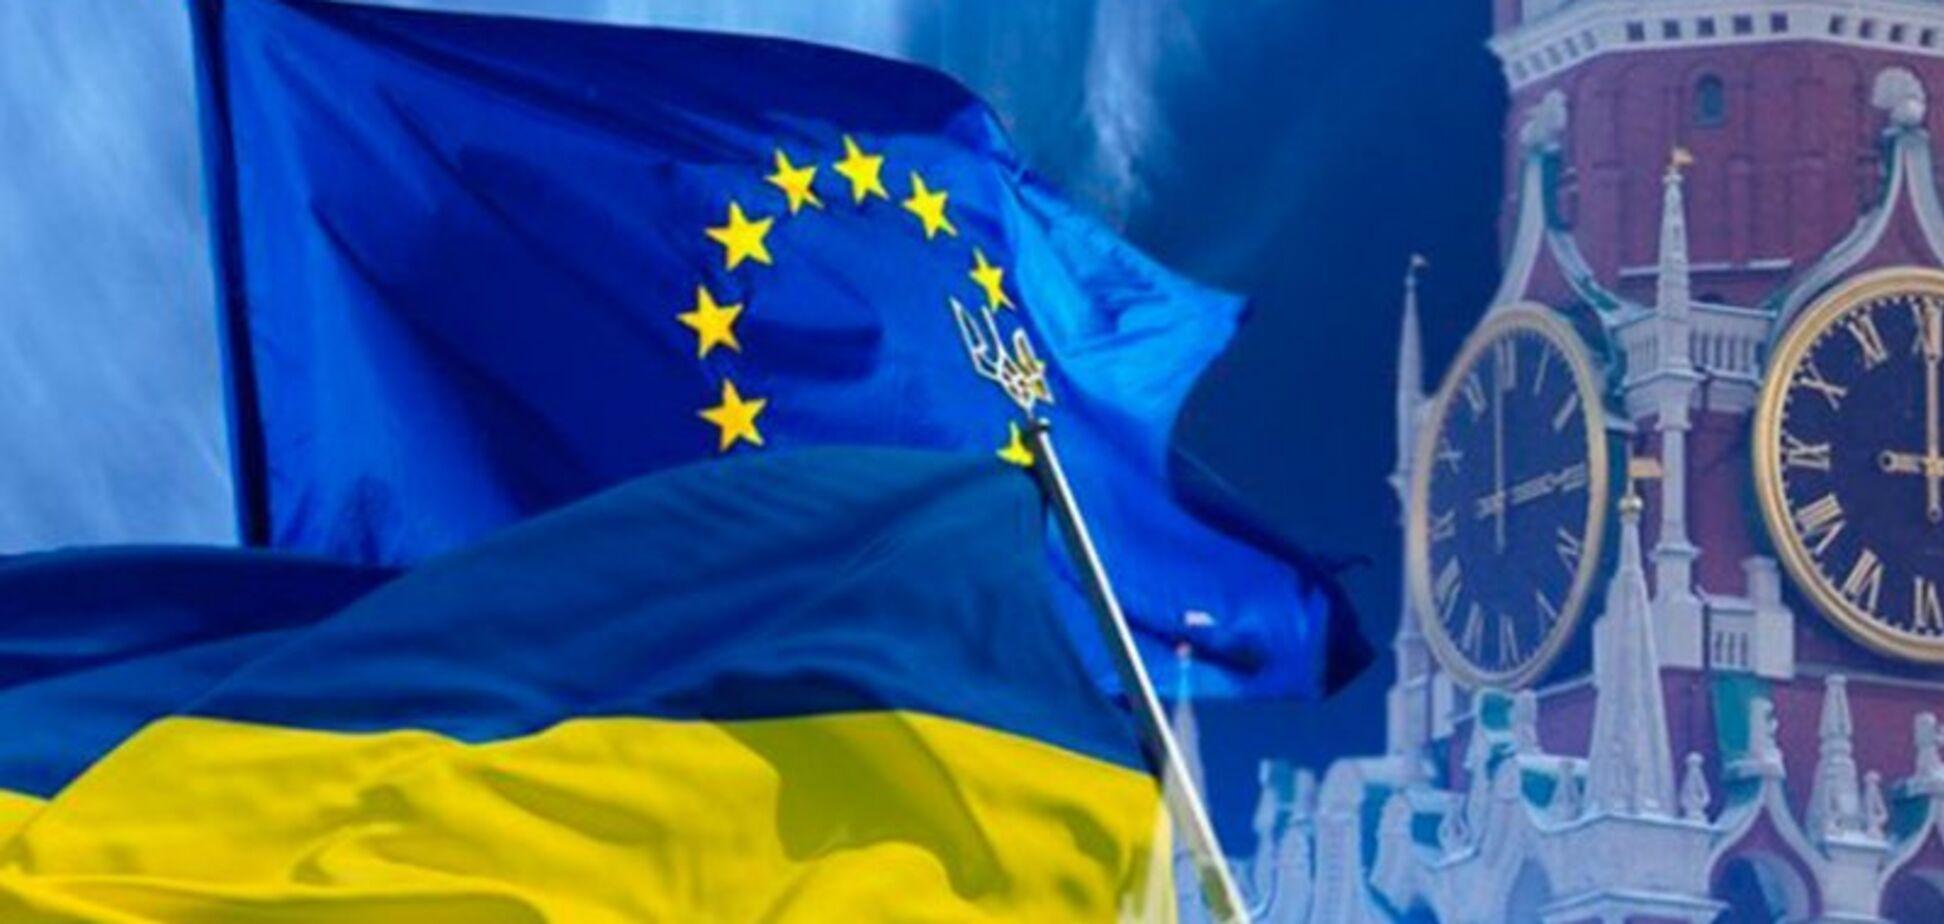 'Дружба' Евросоюза с Россией: назван важный нюанс для Украины